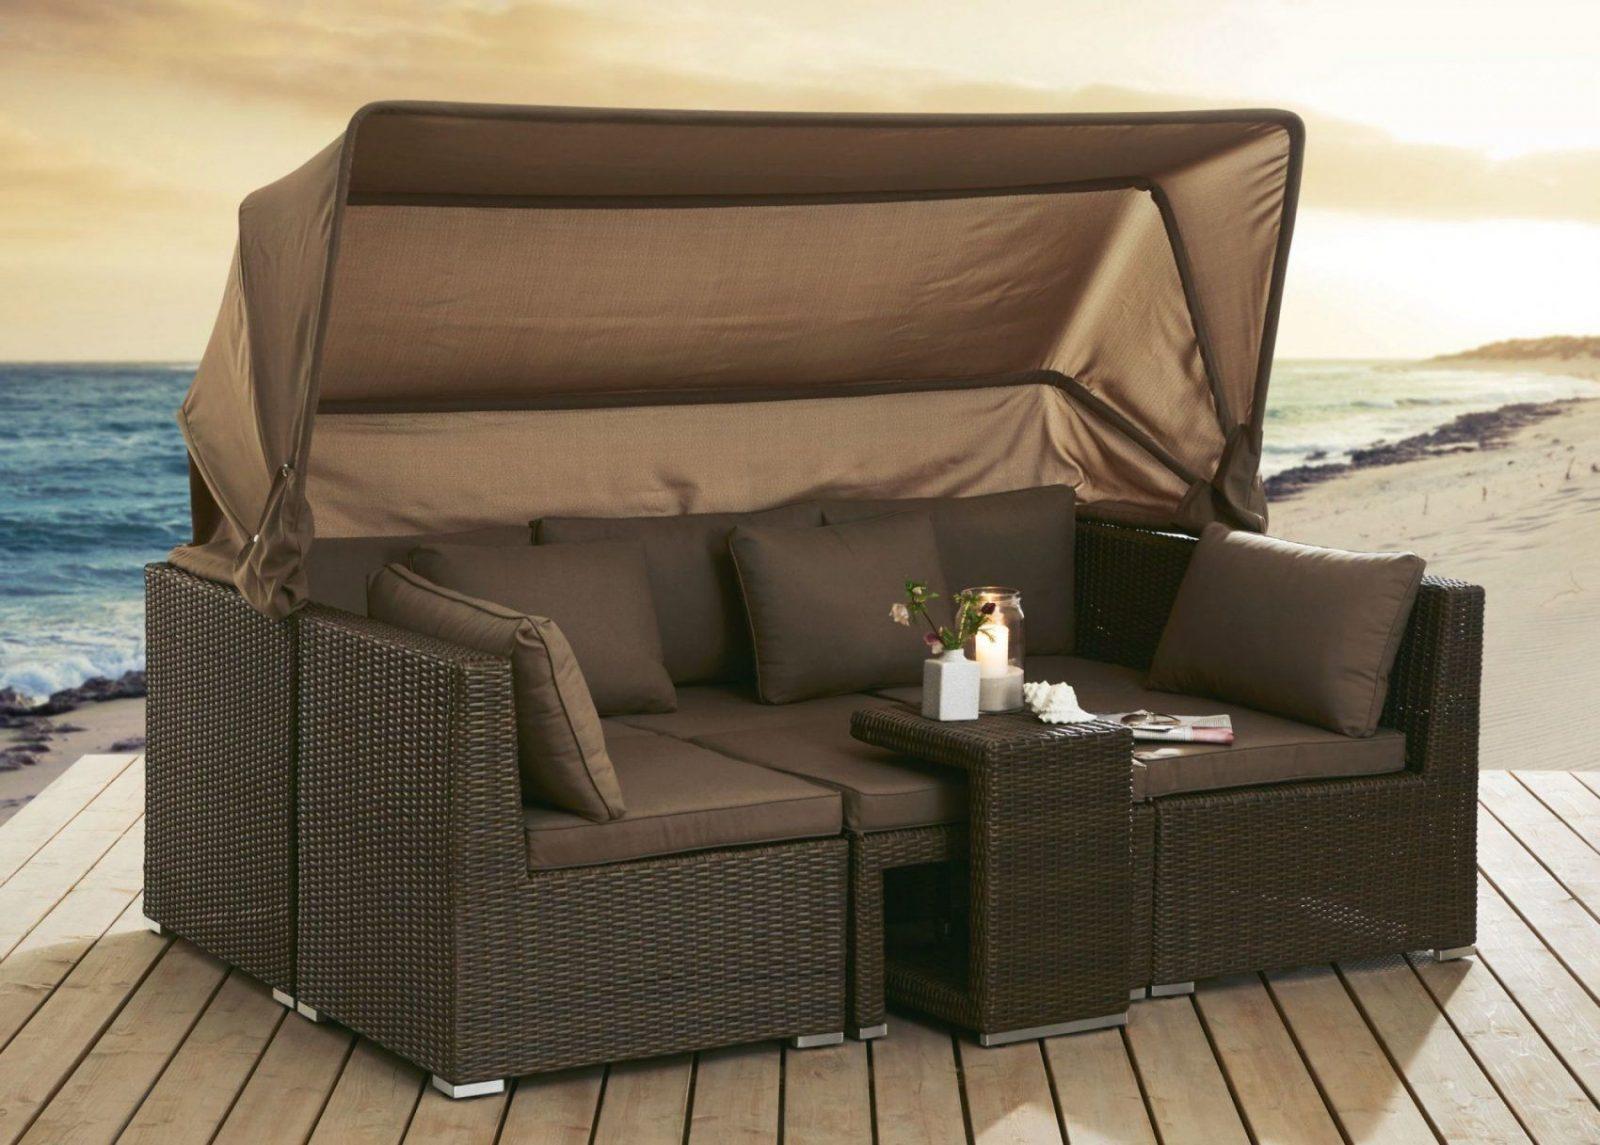 Gartensofa Mit Dach Yv65 – Hitoiro von Lounge Sofa Mit Dach Bild